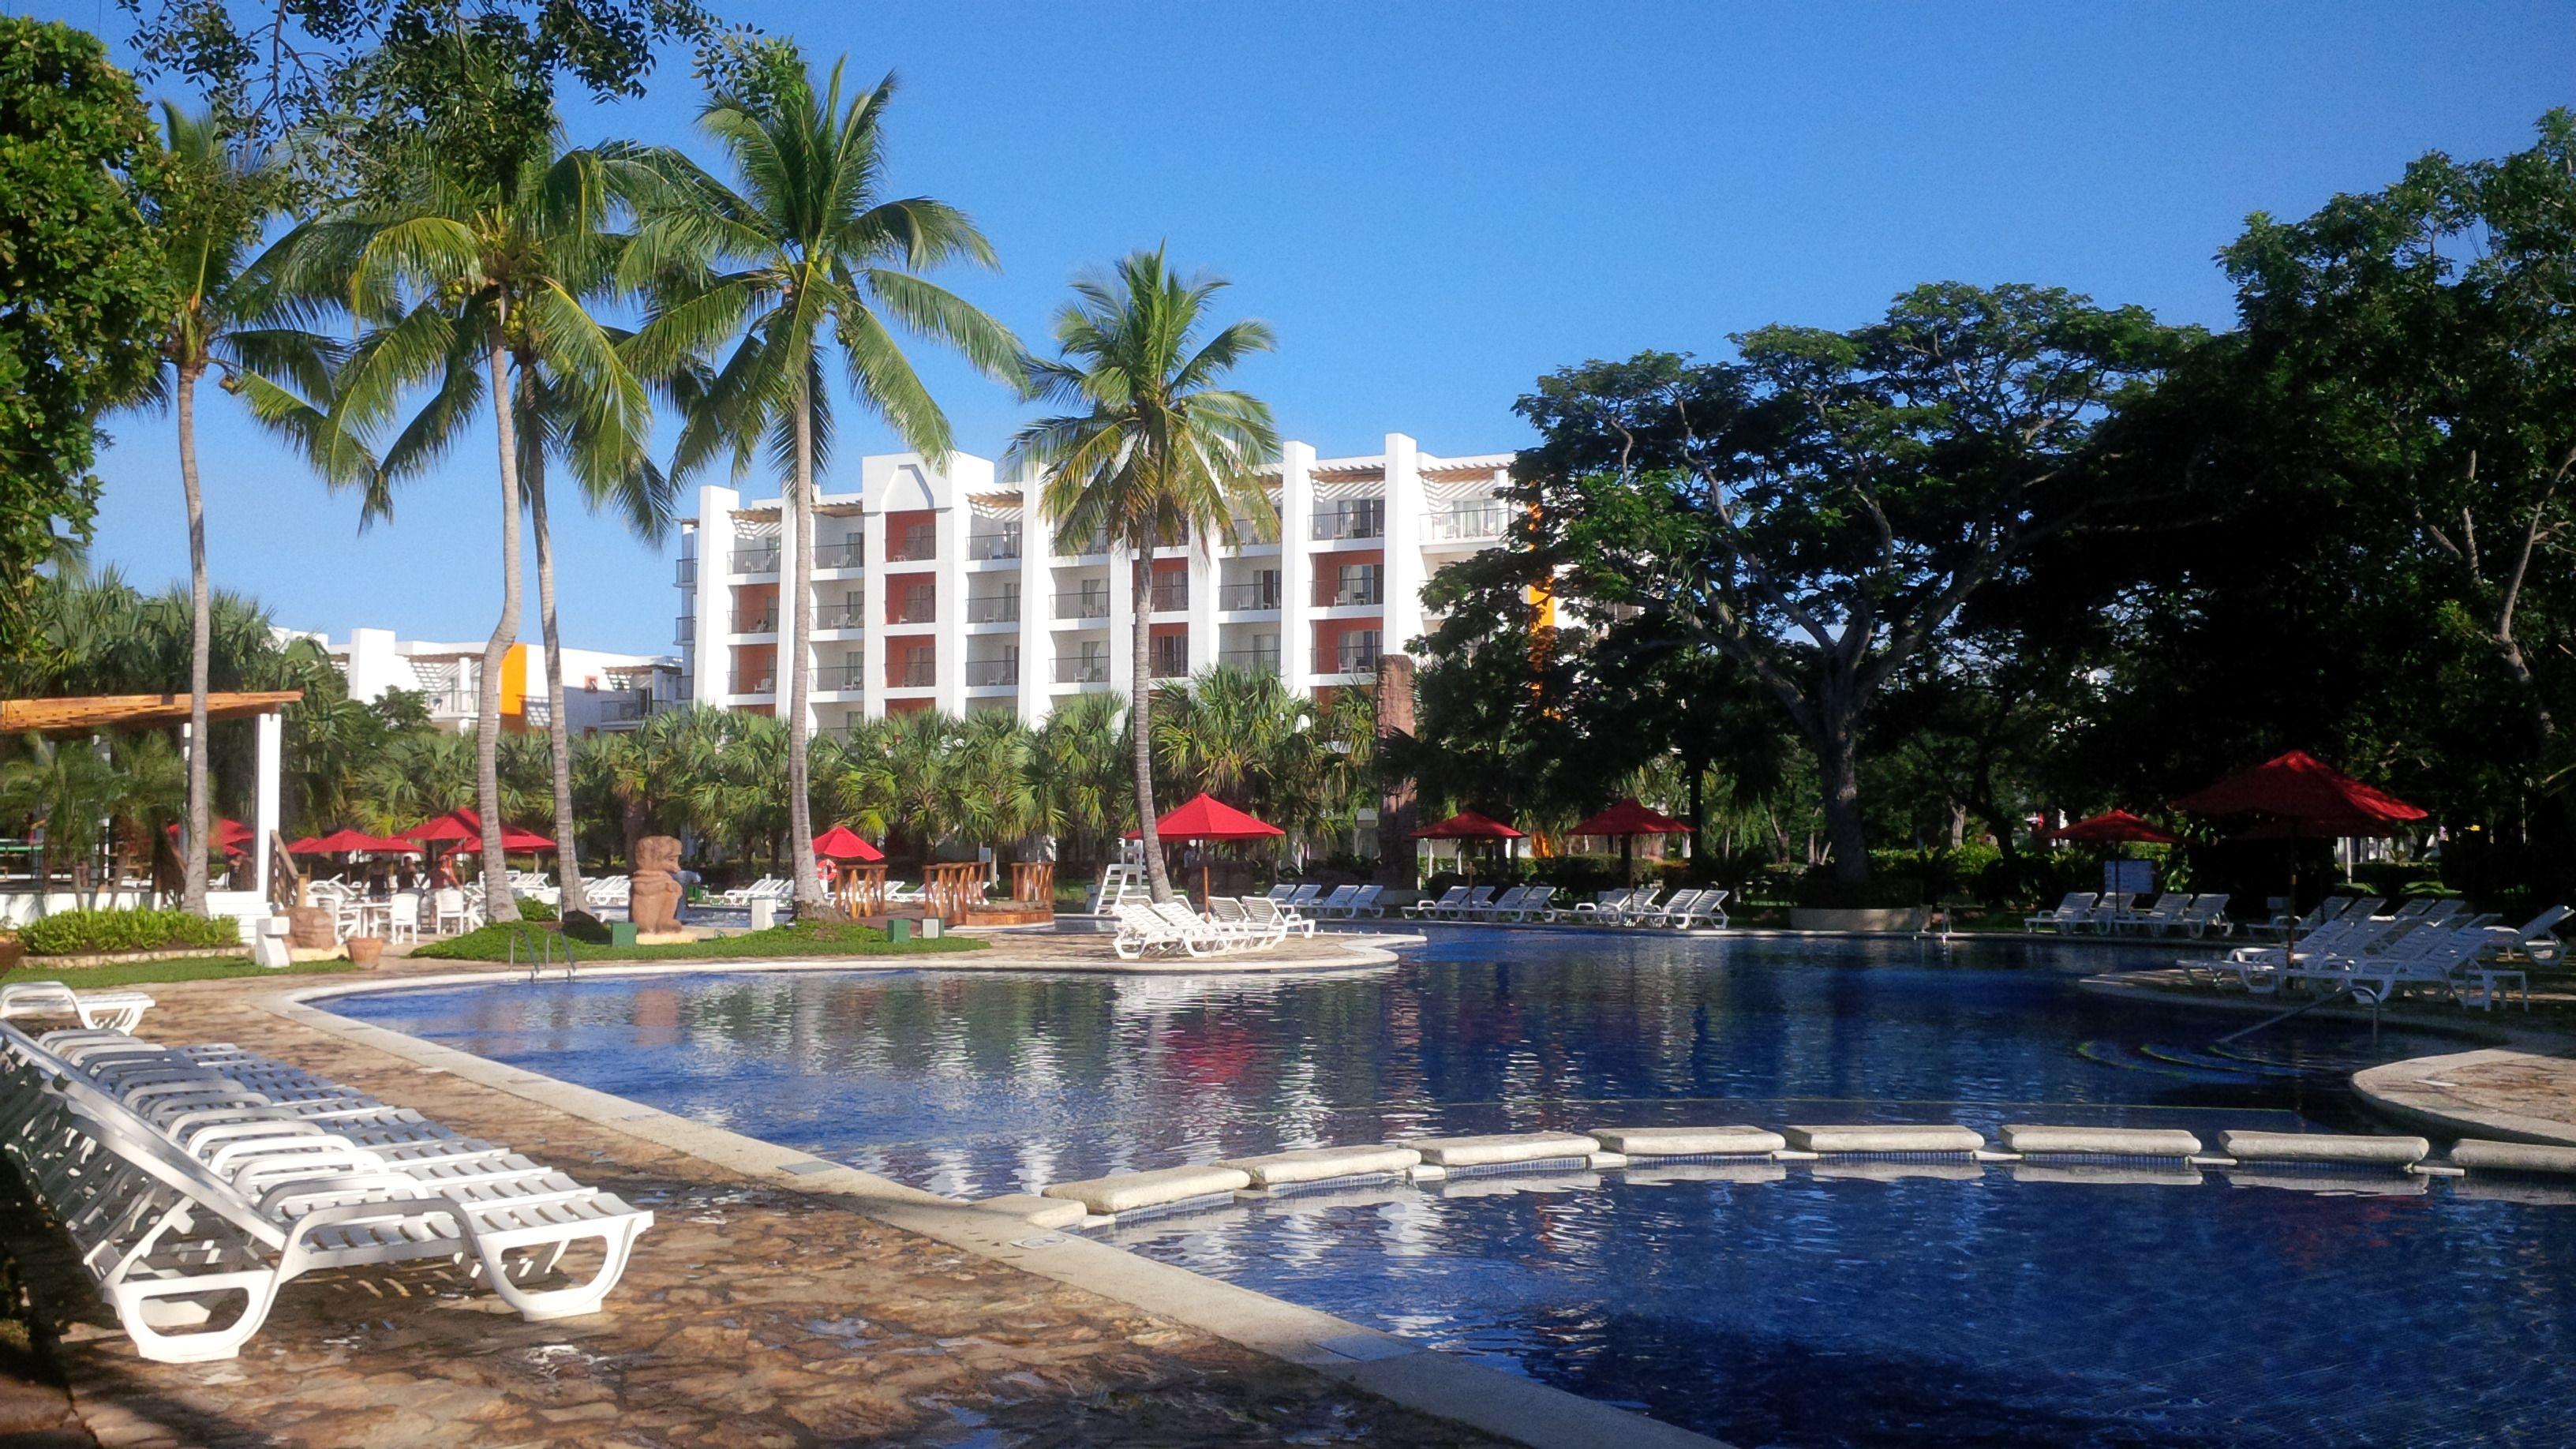 Elizabeth Lakic S El Salvador And Panama Experience Trip